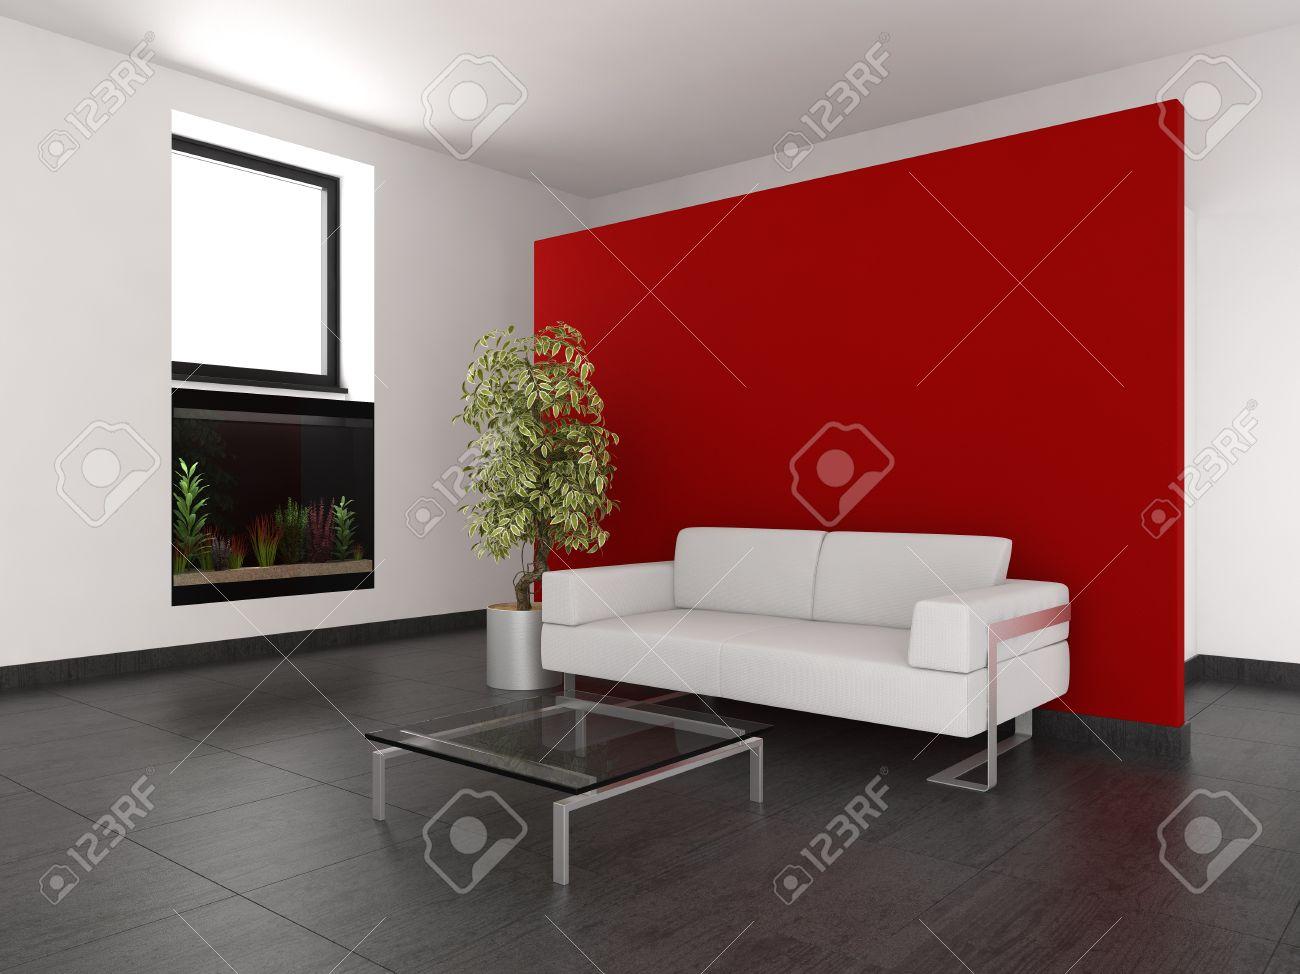 Moderne wohnzimmer mit roten wand und aquarium lizenzfreie fotos ...